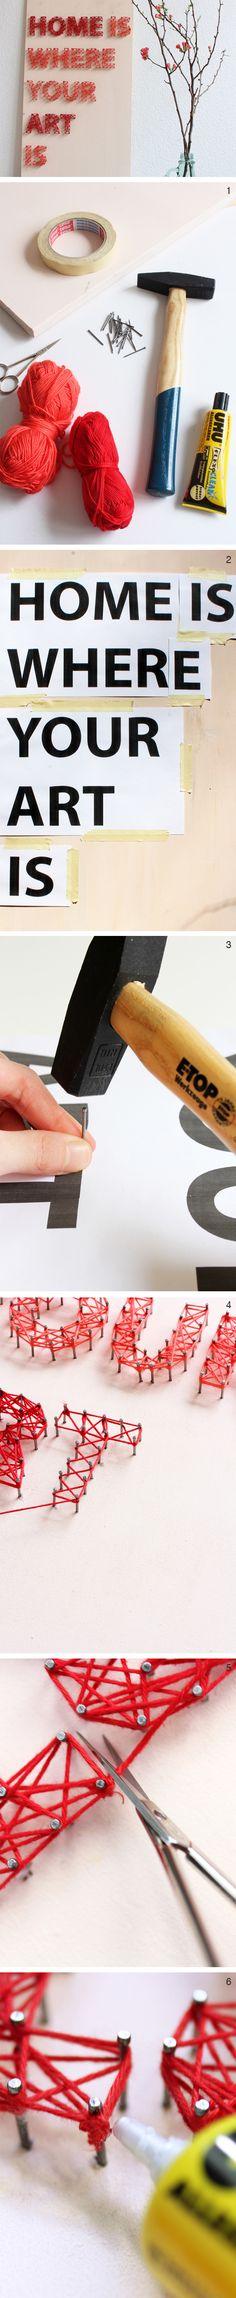 Un quadro con una frase personalizzata per la tua casa: bastano chiodi e filo colorato!